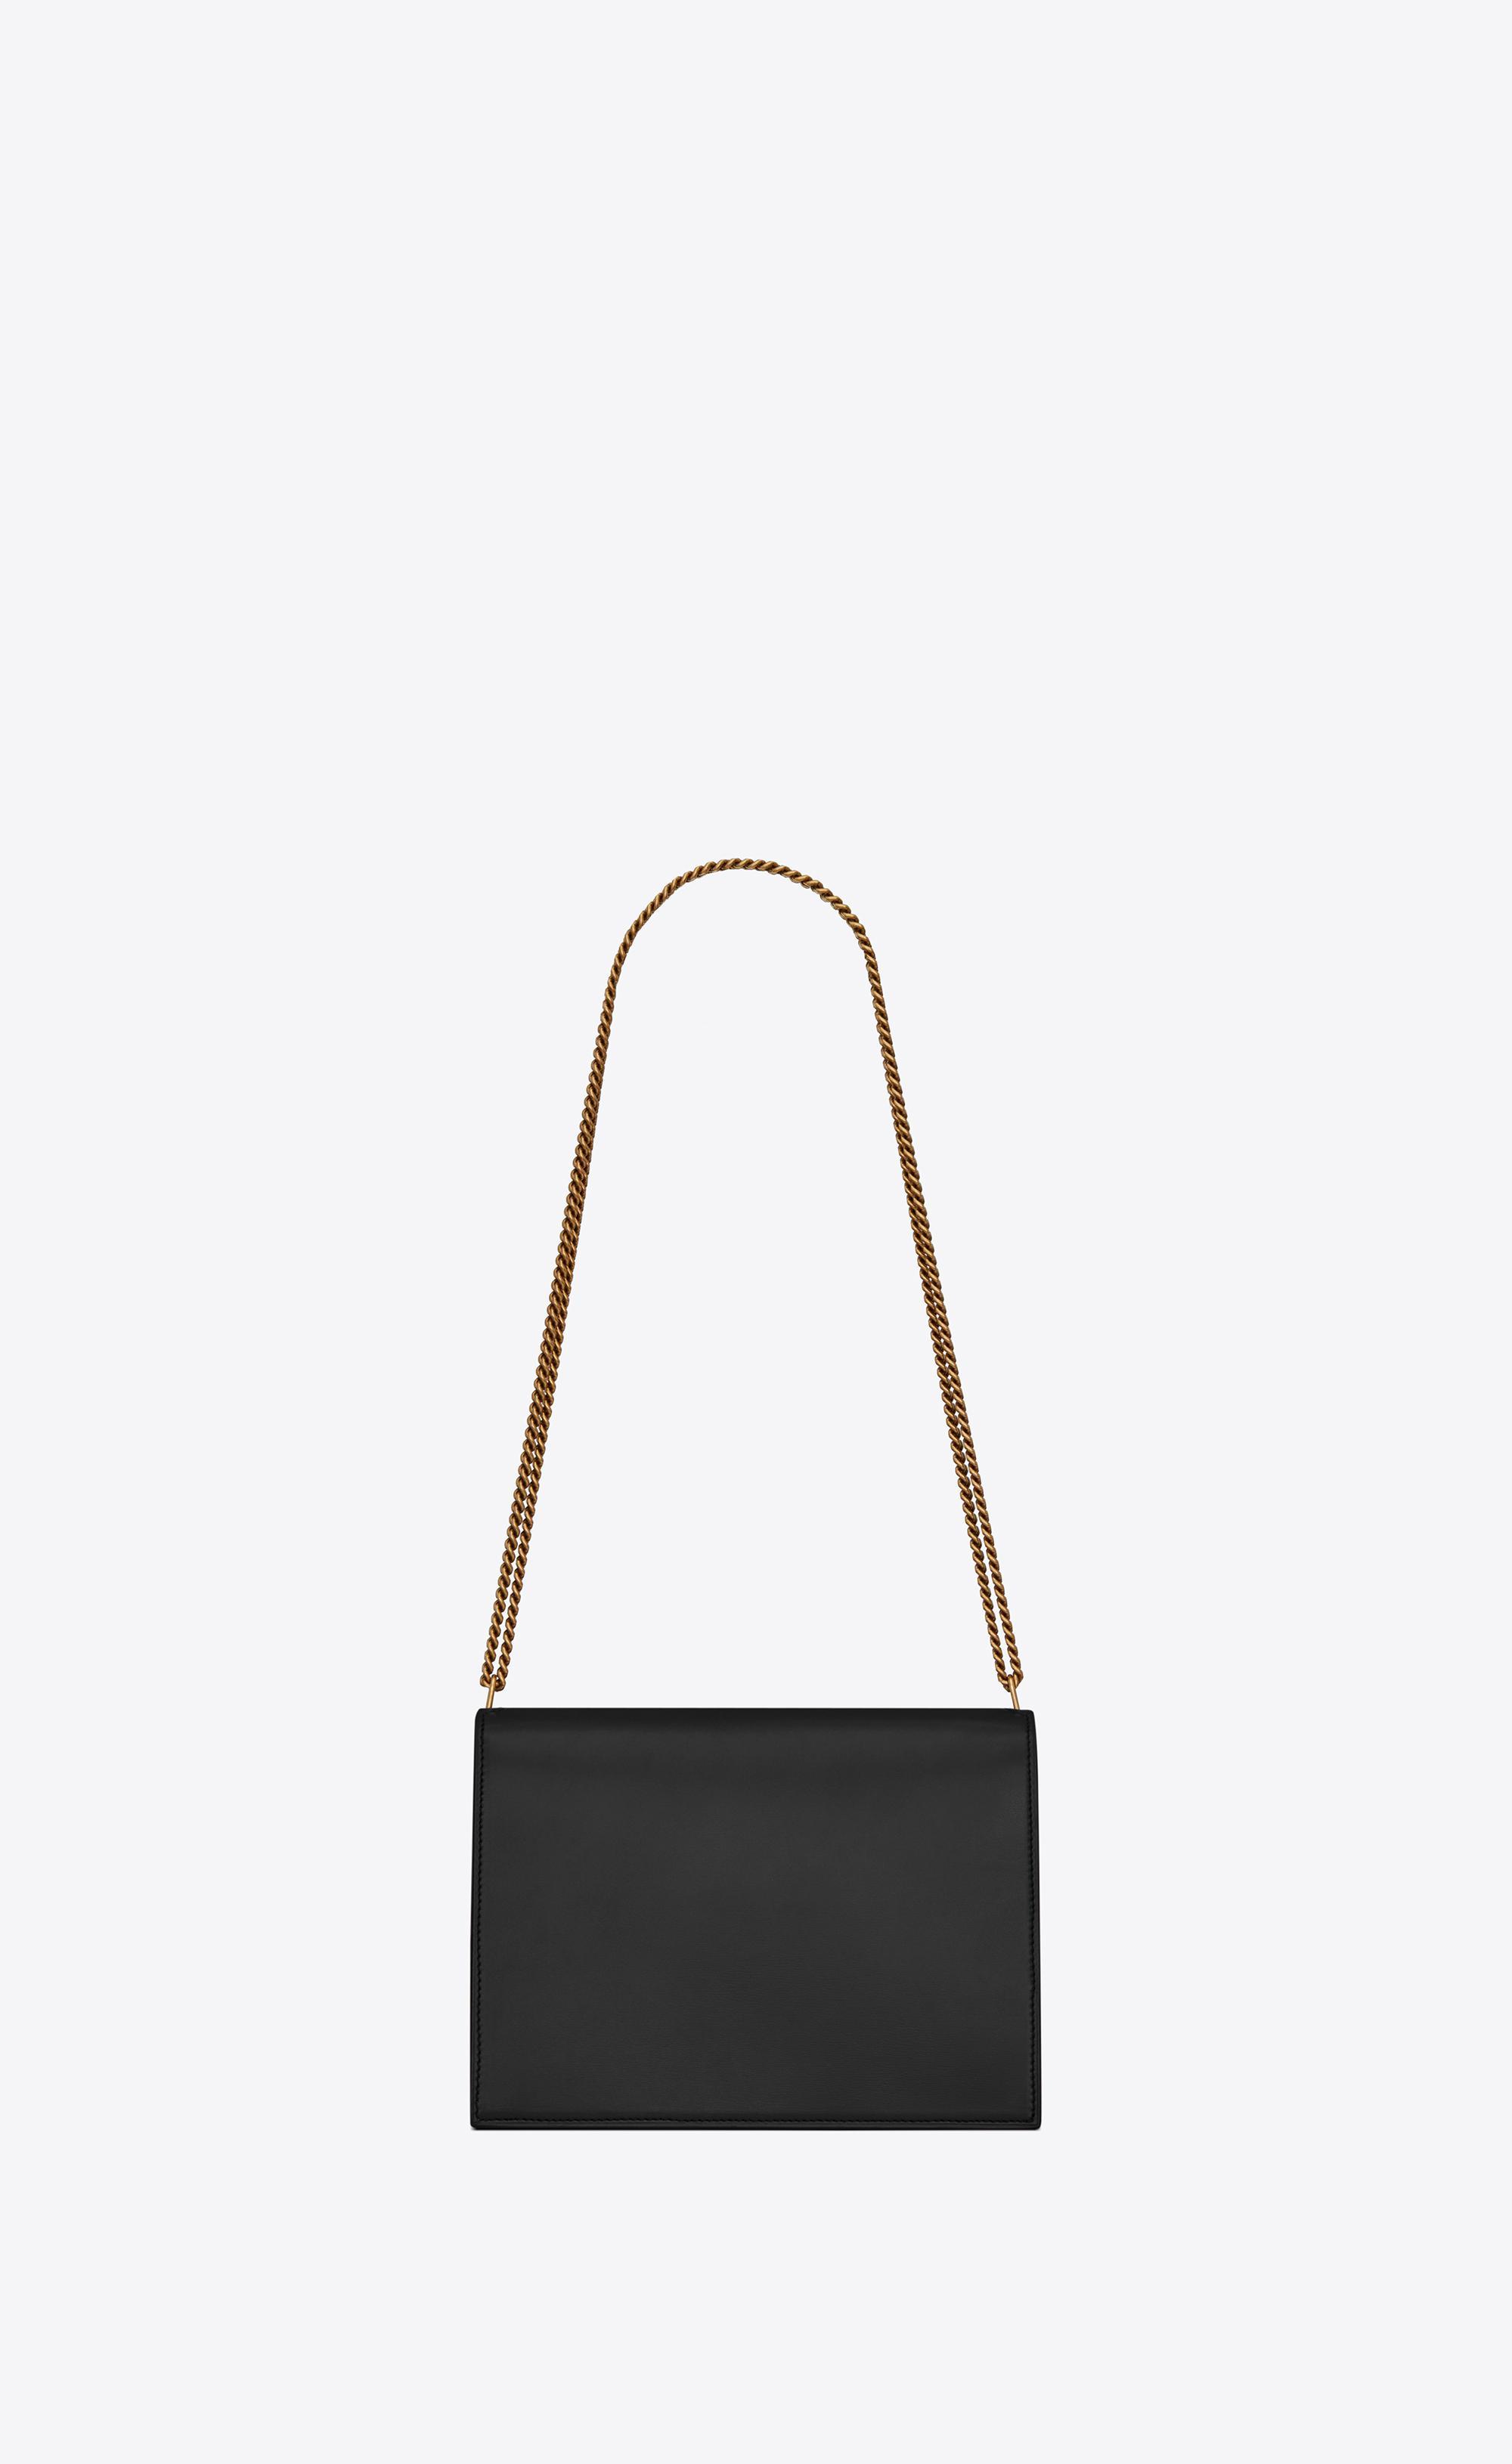 Saint Laurent - Black Cassandra Monogram Clasp Bag In Smooth Leather -  Lyst. View fullscreen 908c2ad498cc8